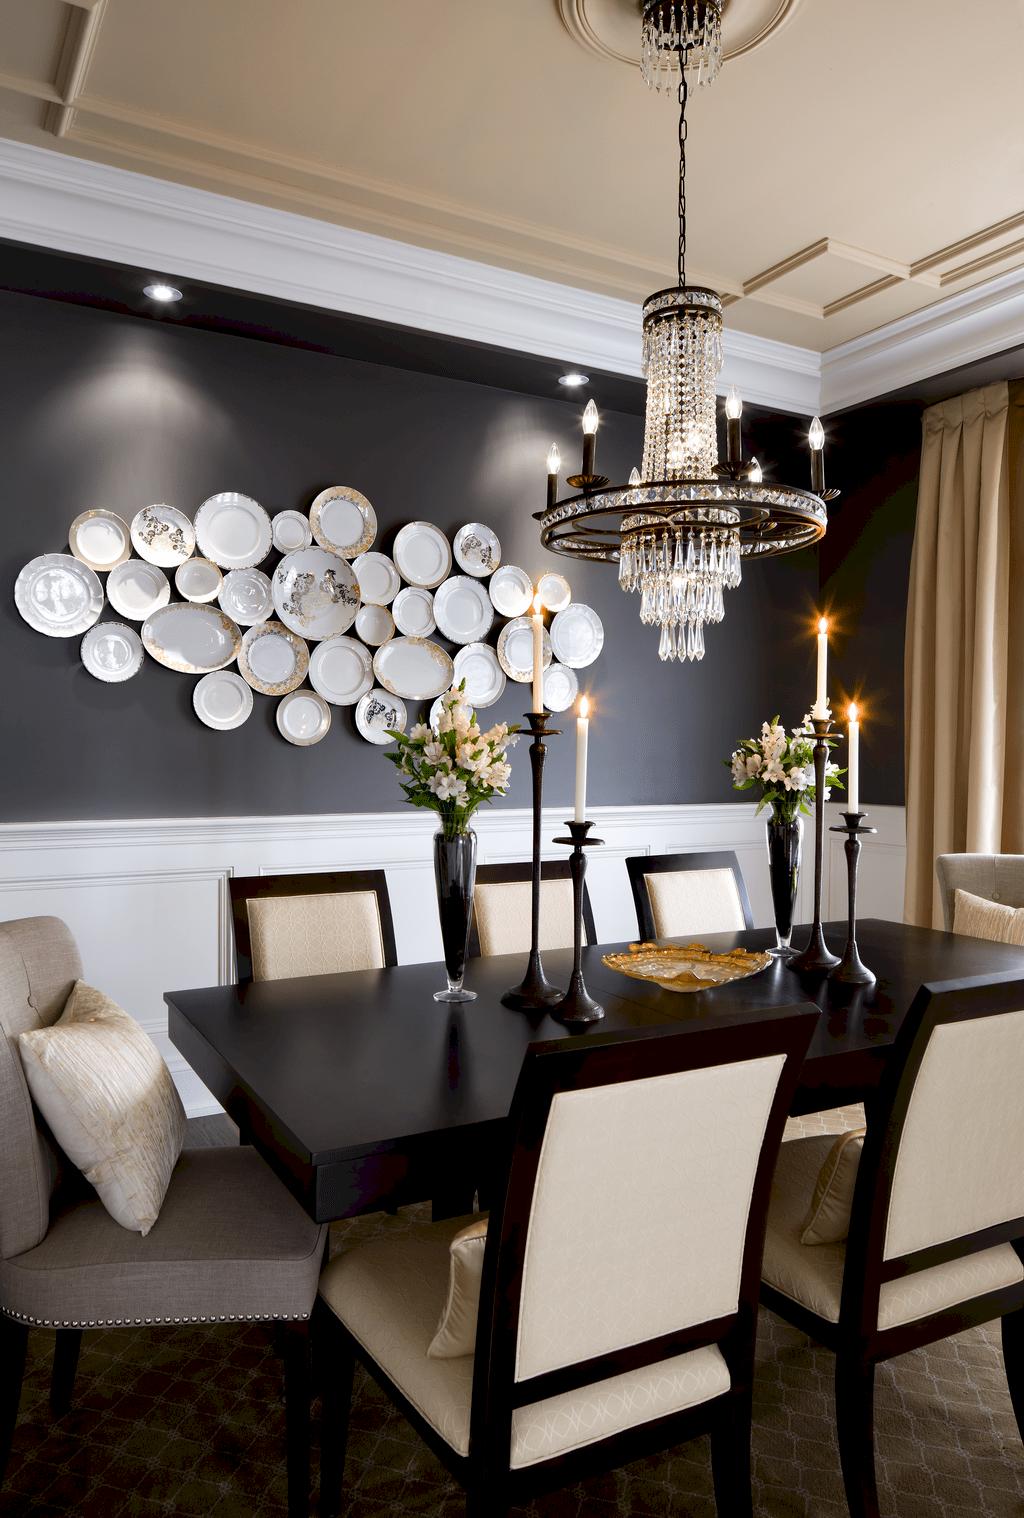 23 Dining Room Ceiling Designs Decorating Ideas: 25 Genius Small Dining Room Design Ideas In 2019